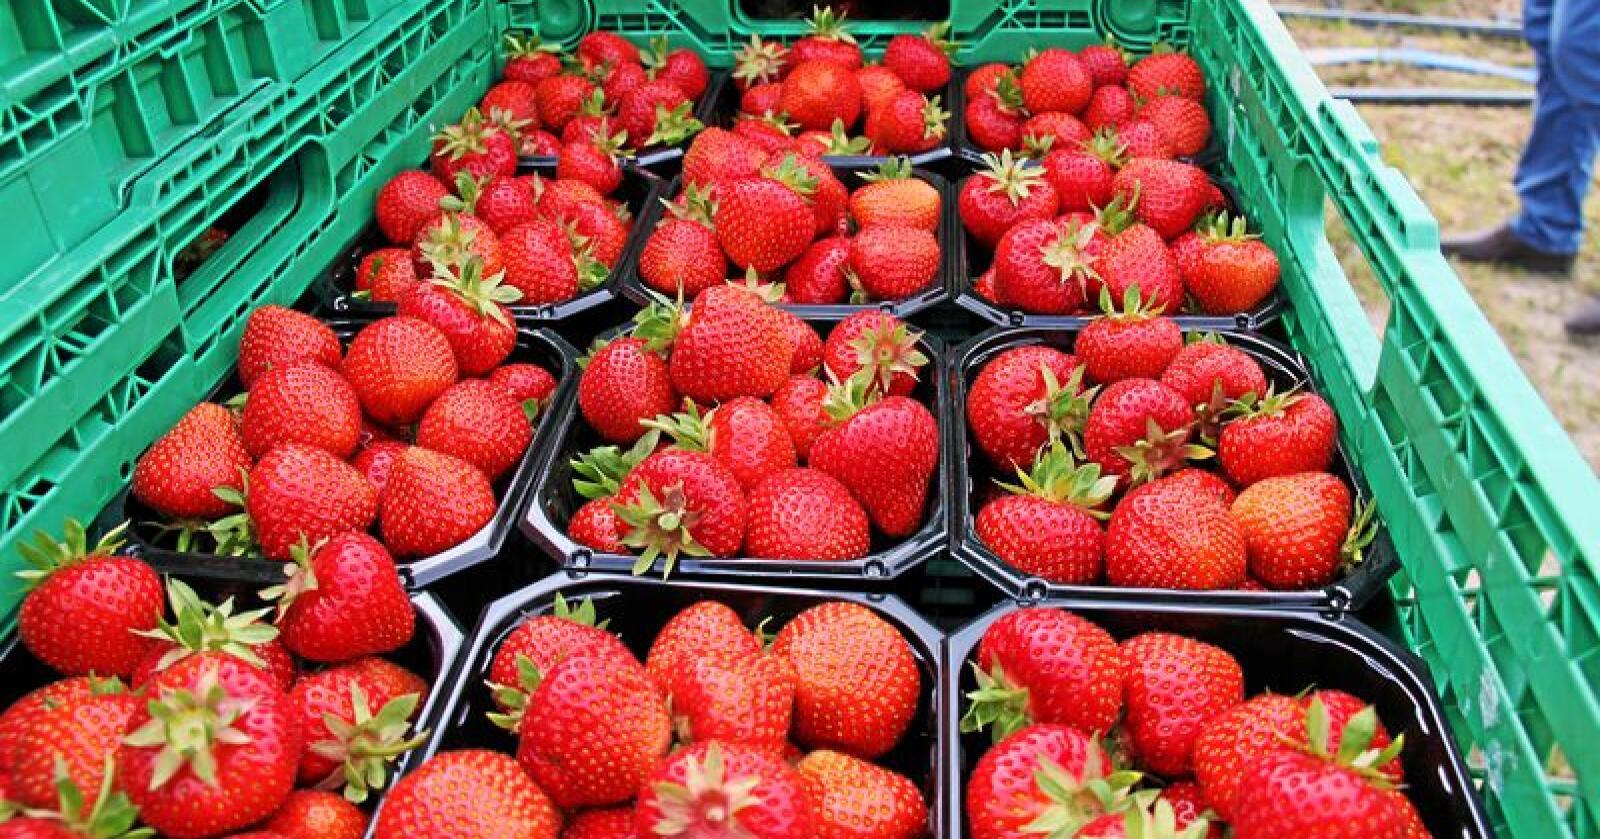 Norske jordbær er ofte en vesentlig ingrediens i nordmenns sommerferier. Foto: Werner Dallawara